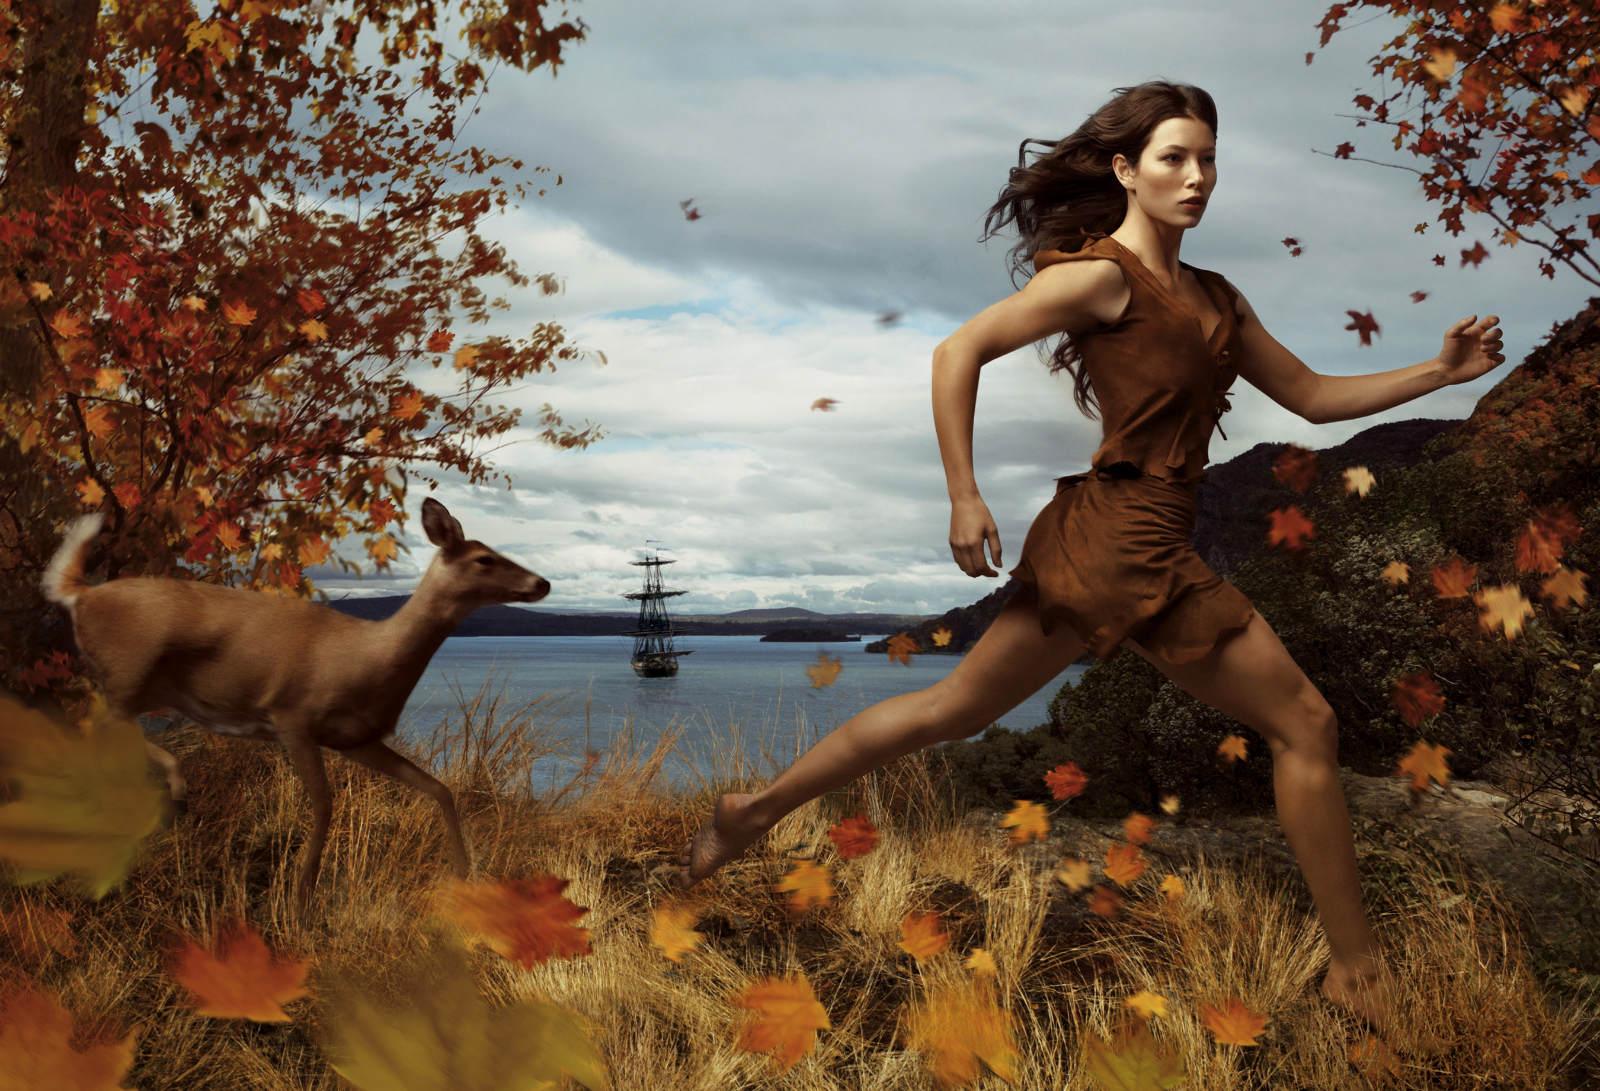 http://2.bp.blogspot.com/_rZj1SP4QB-U/TTm1D2aJXGI/AAAAAAAAATE/QvvFCjfDL_A/s1600/million-dreams-Jessica_Biel-Pocahontas.jpg